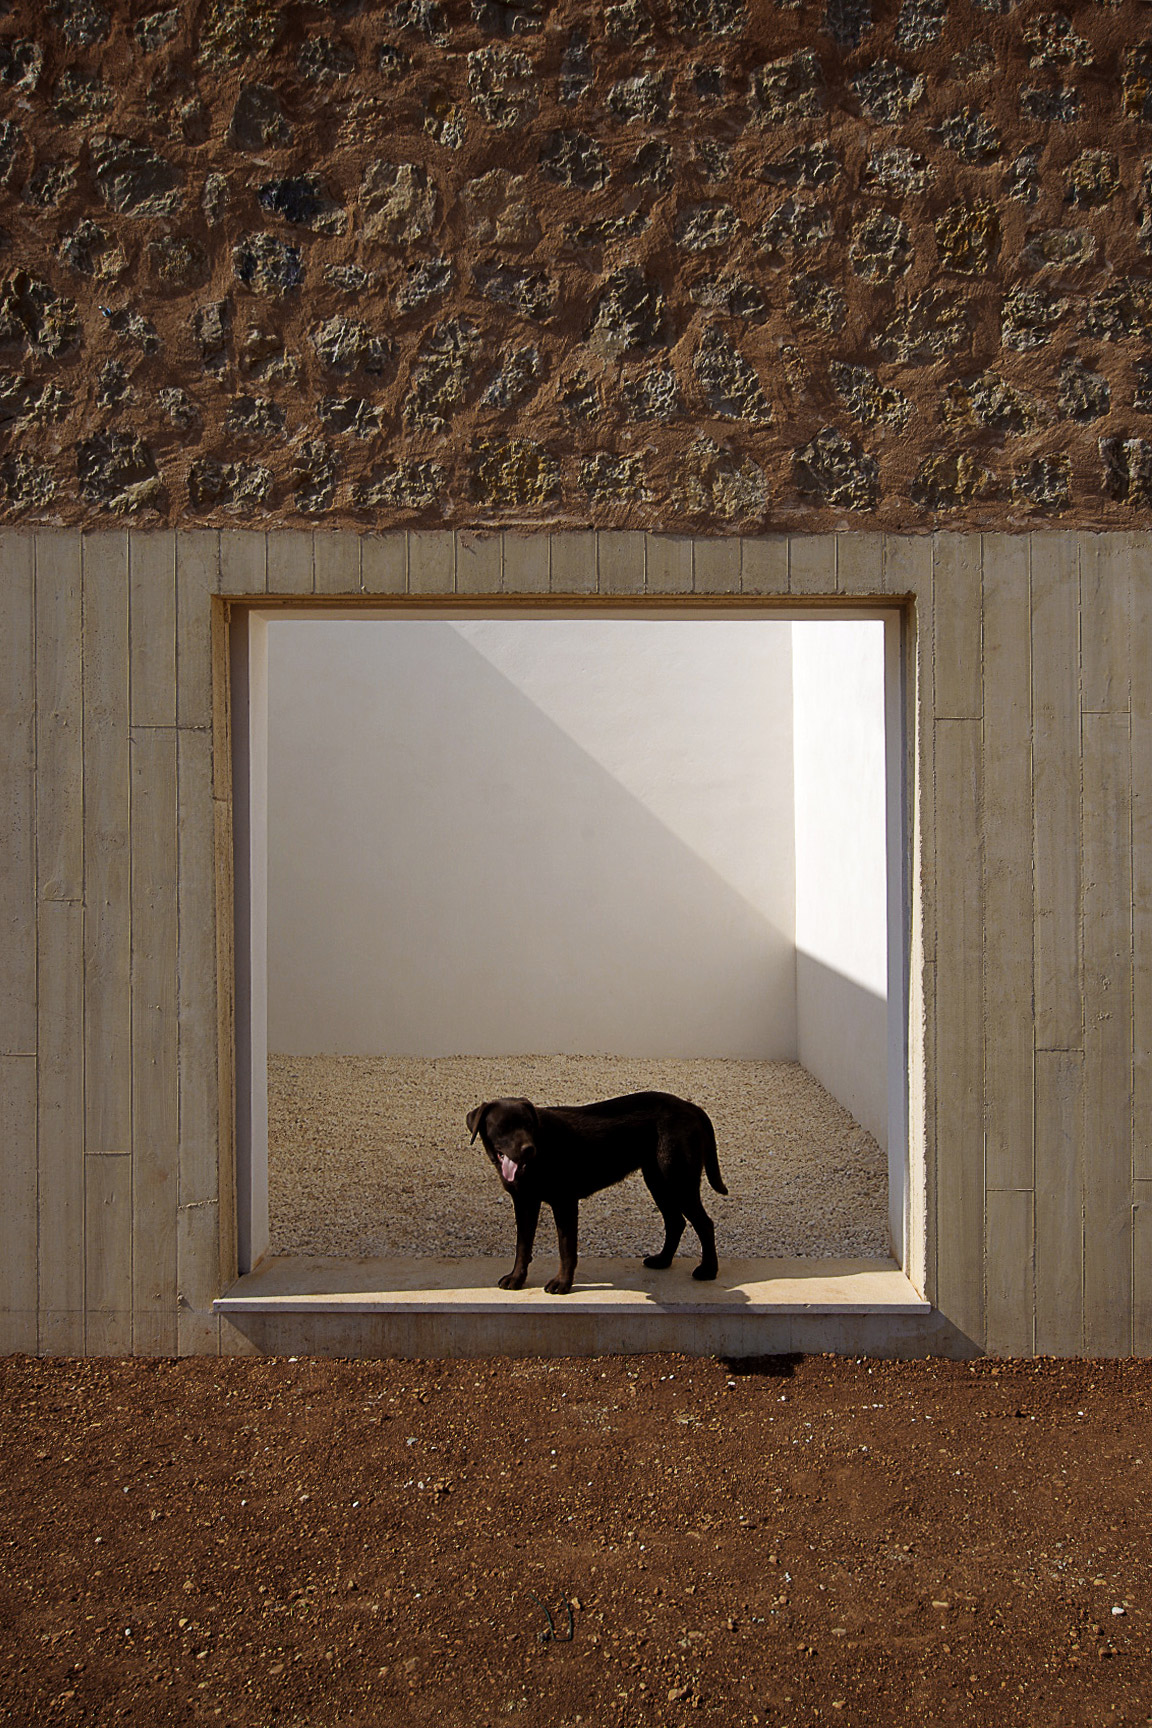 Casa de Llúis y Eulàlia por TEd'A arquitectes. Fotografía © TEd'A arquitectes